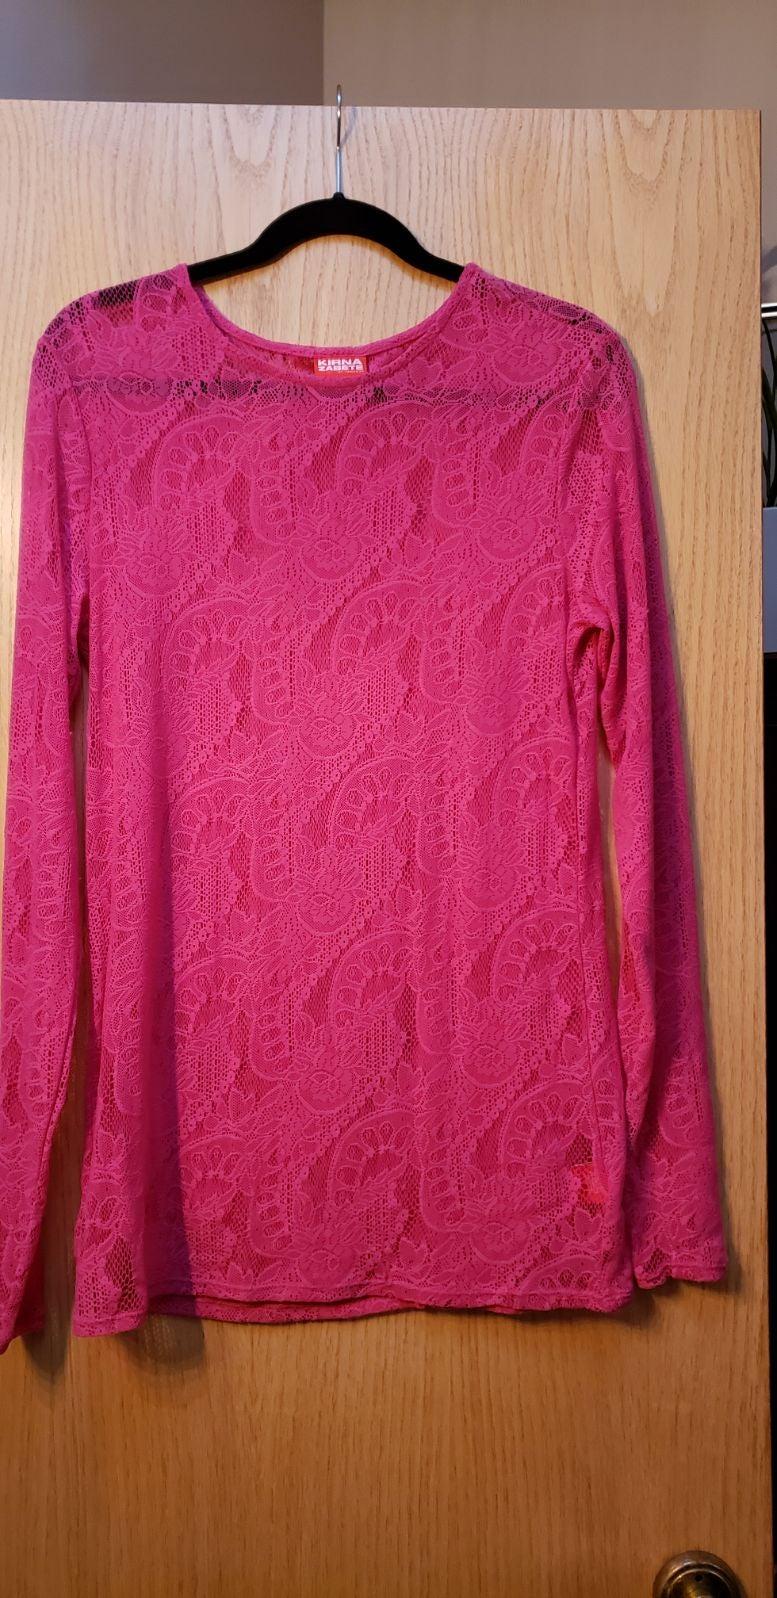 Kirna Zabete Longsleeve Knit Lace Top XL